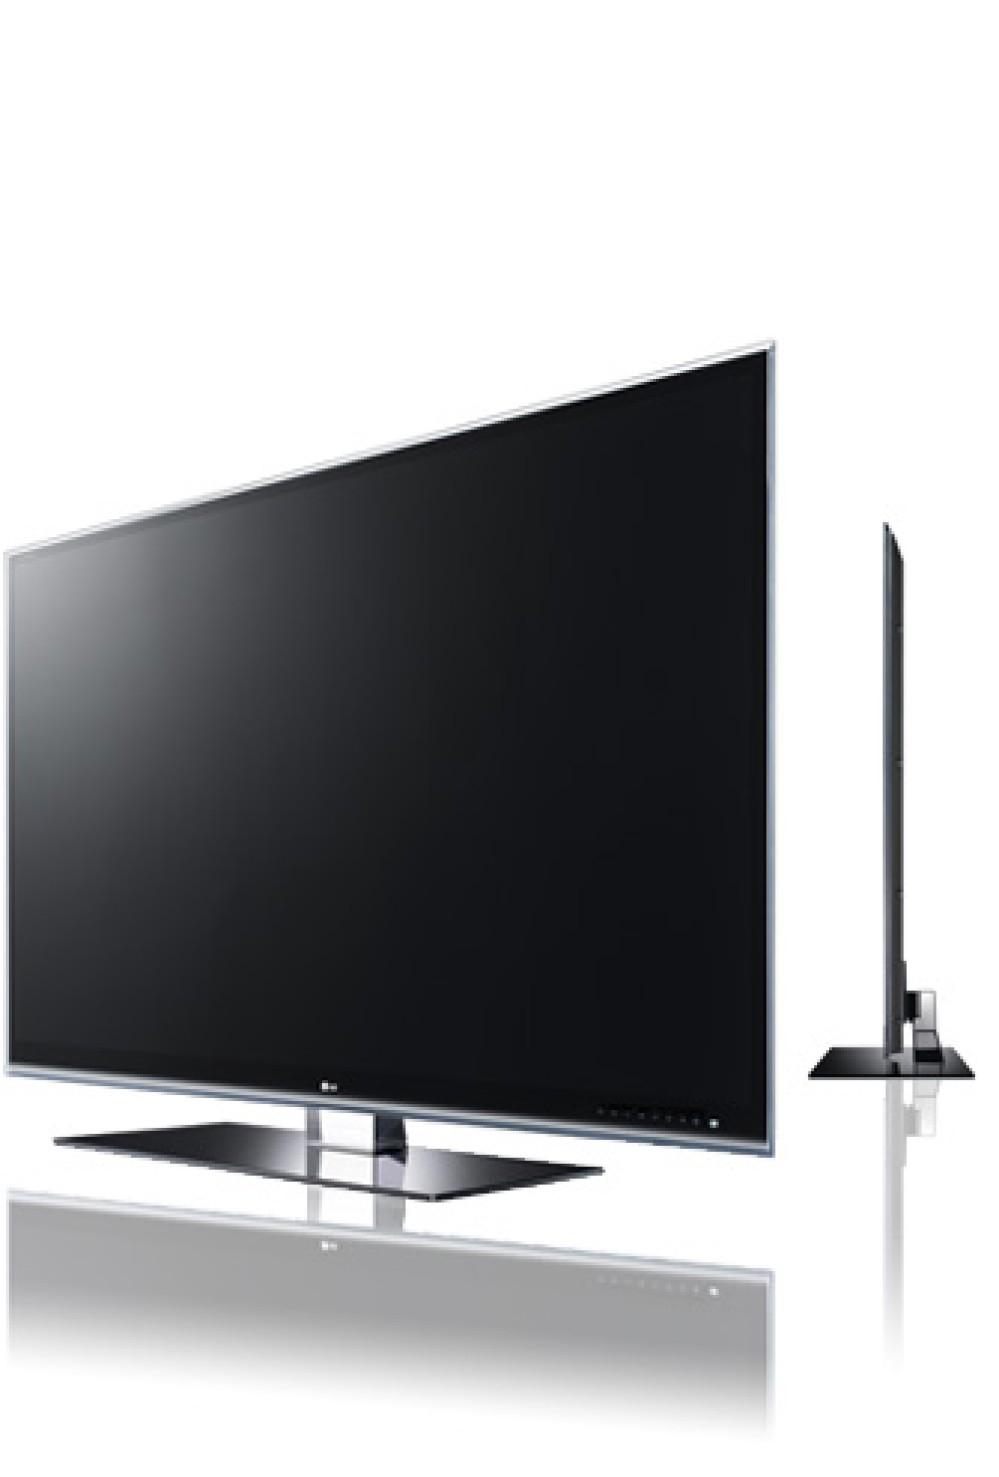 LG Smart TV 3D LED LCD LW9700, LW7700, LW6500, LW5700 [CES 2011]